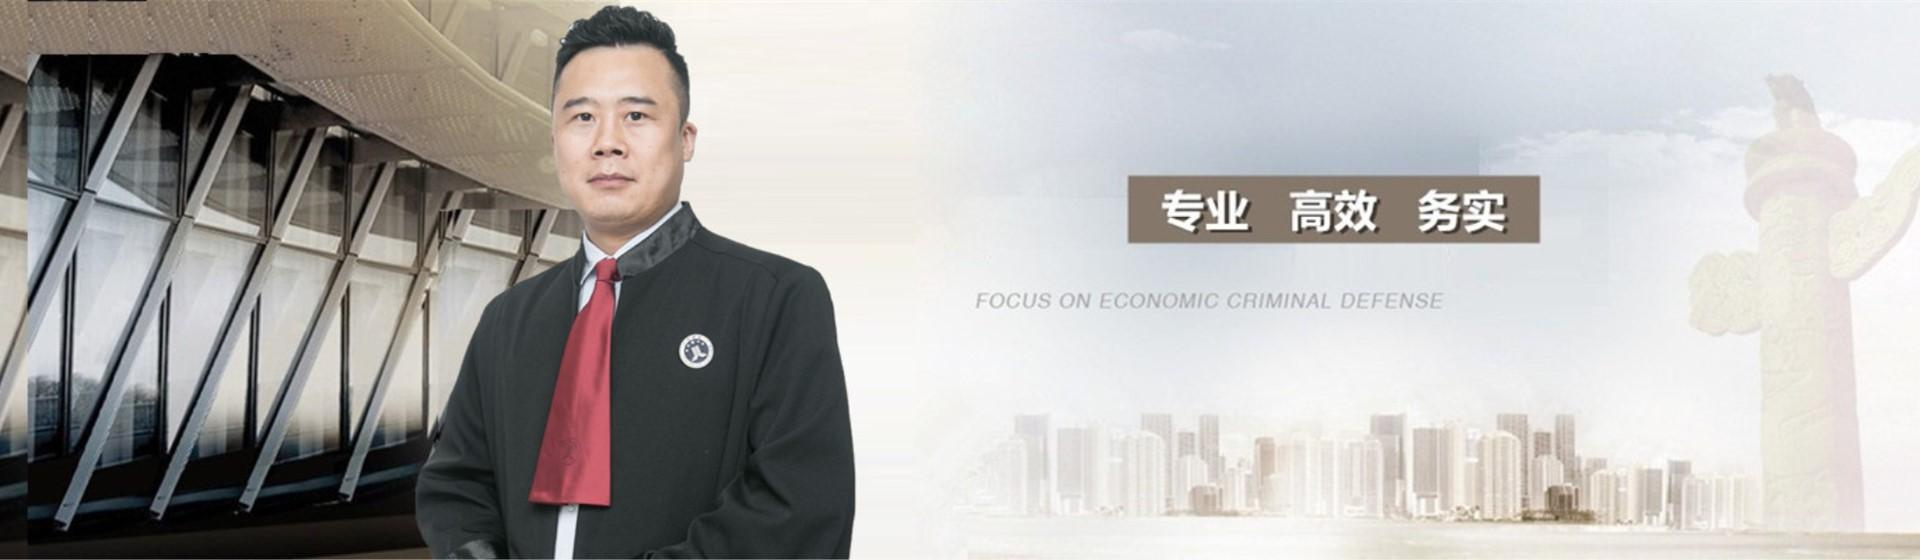 郑州律师大图一